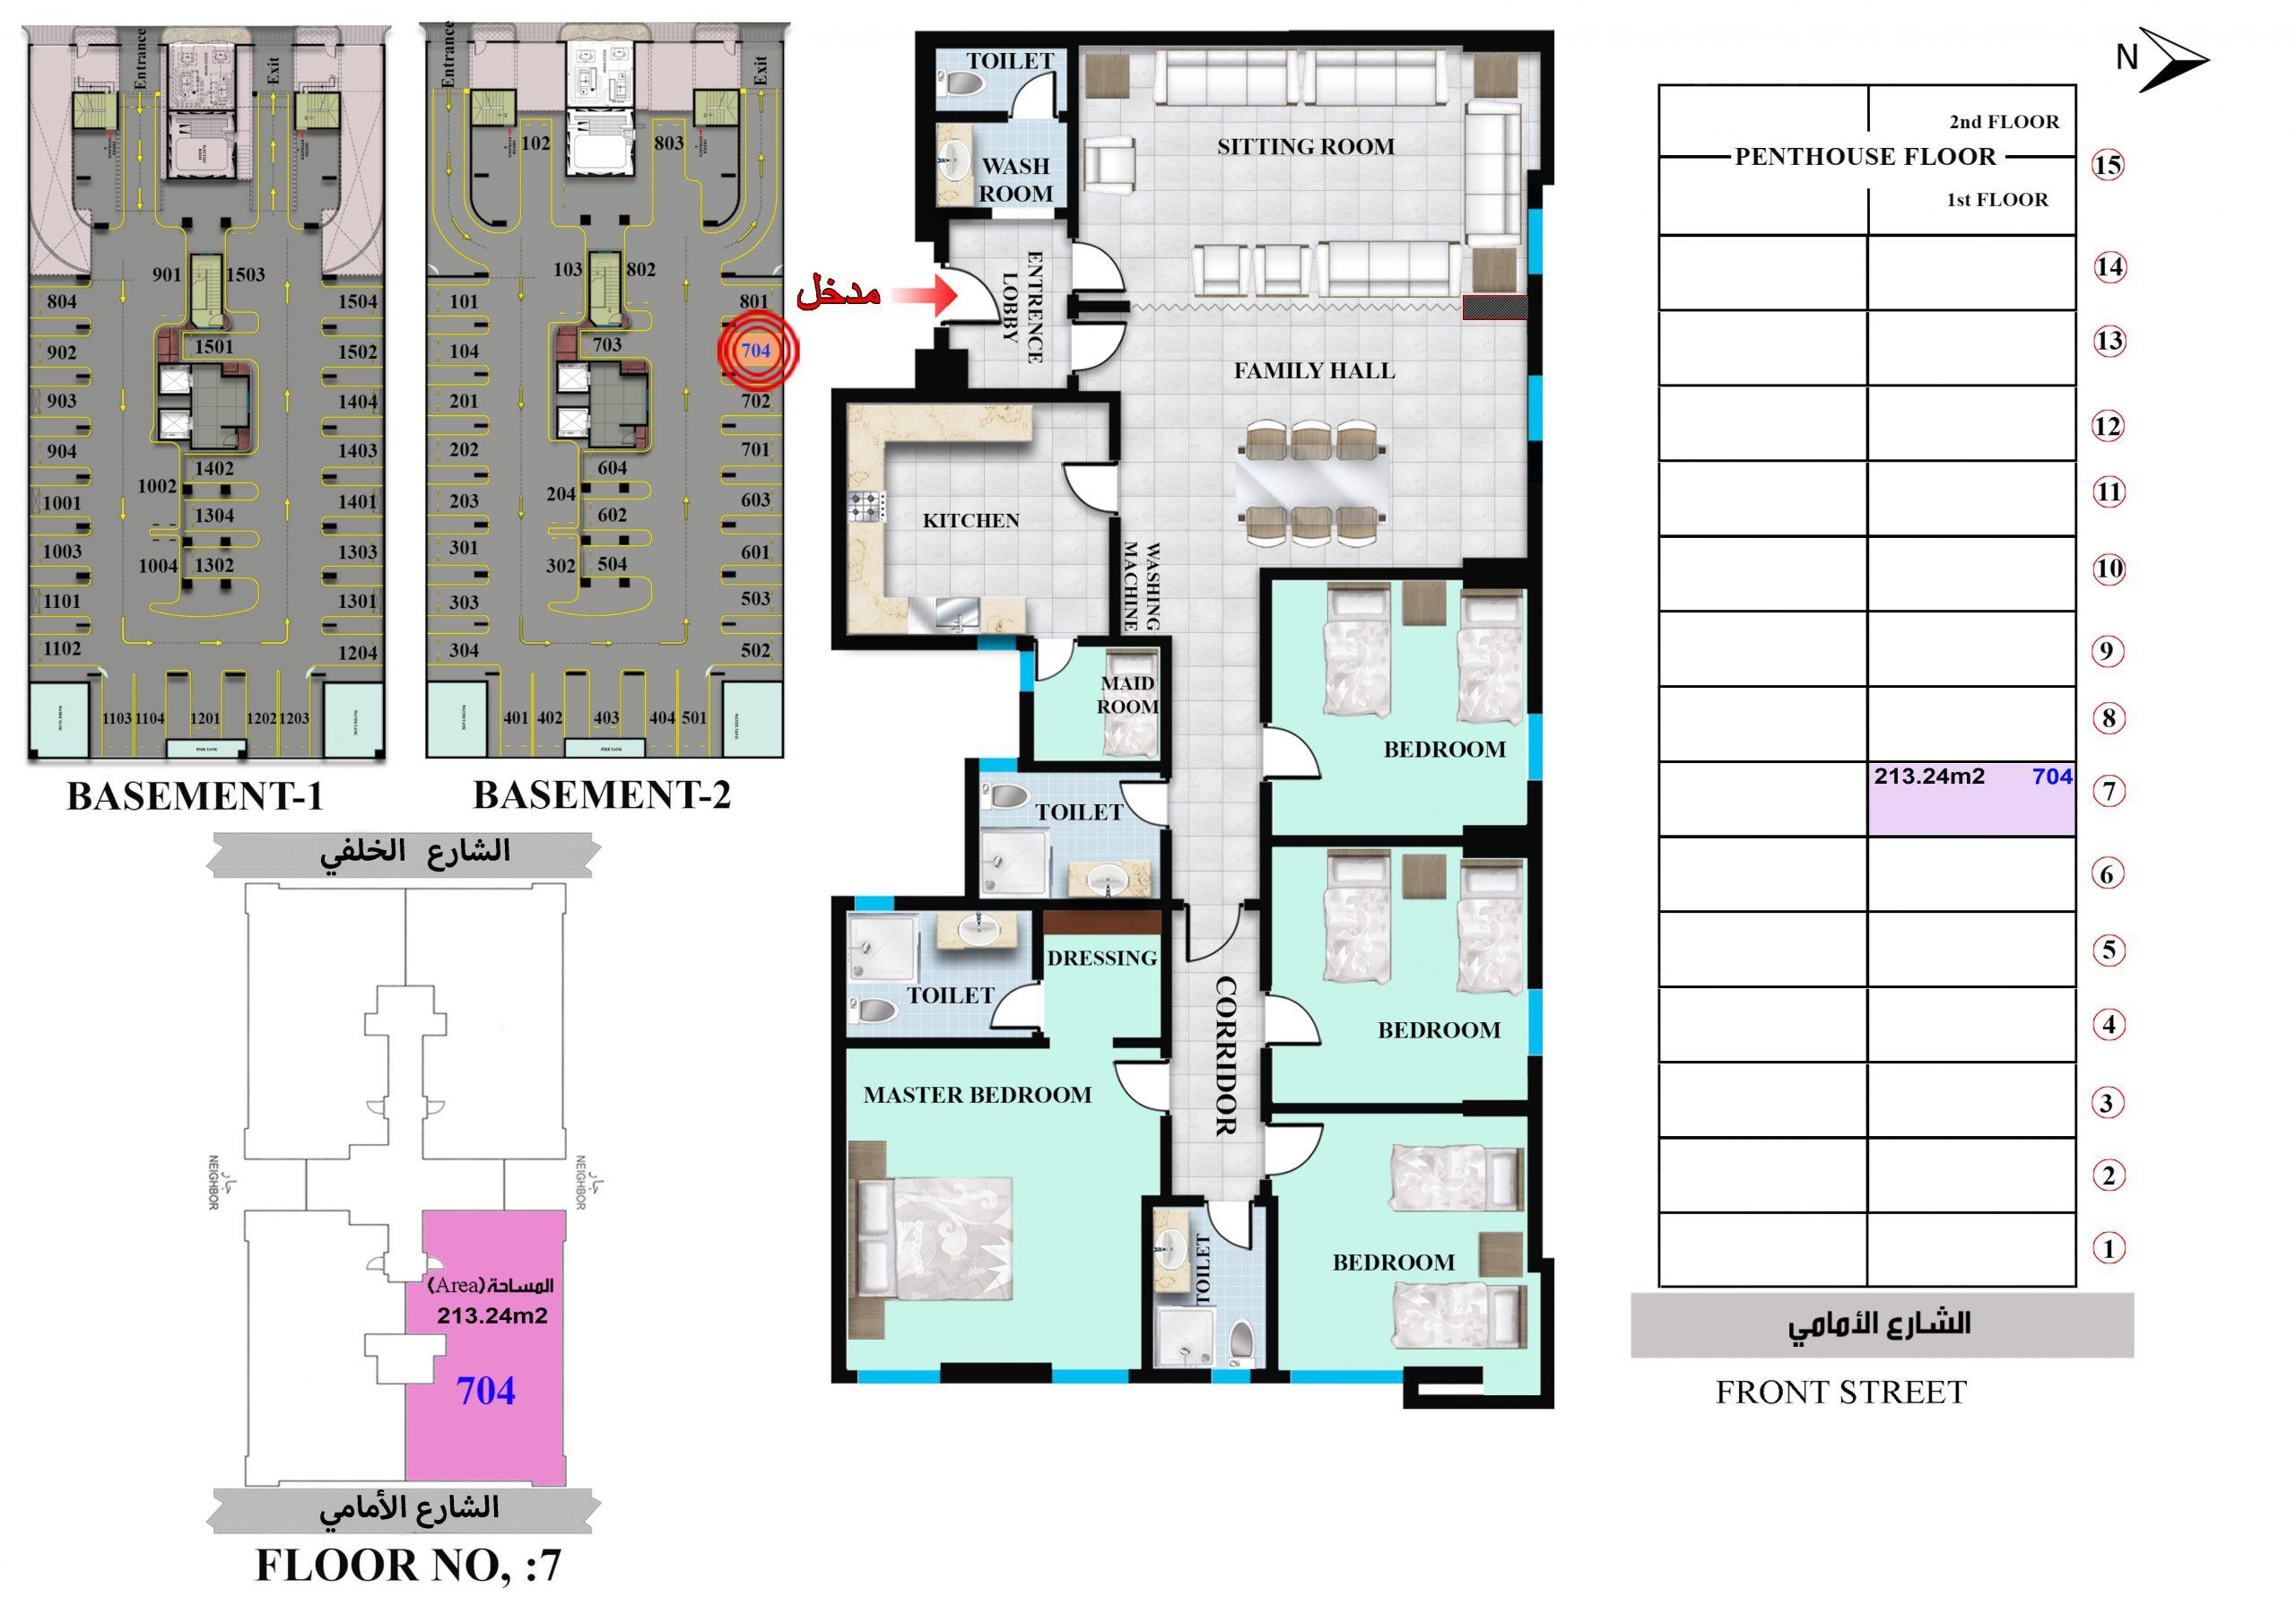 شقة رقم 704